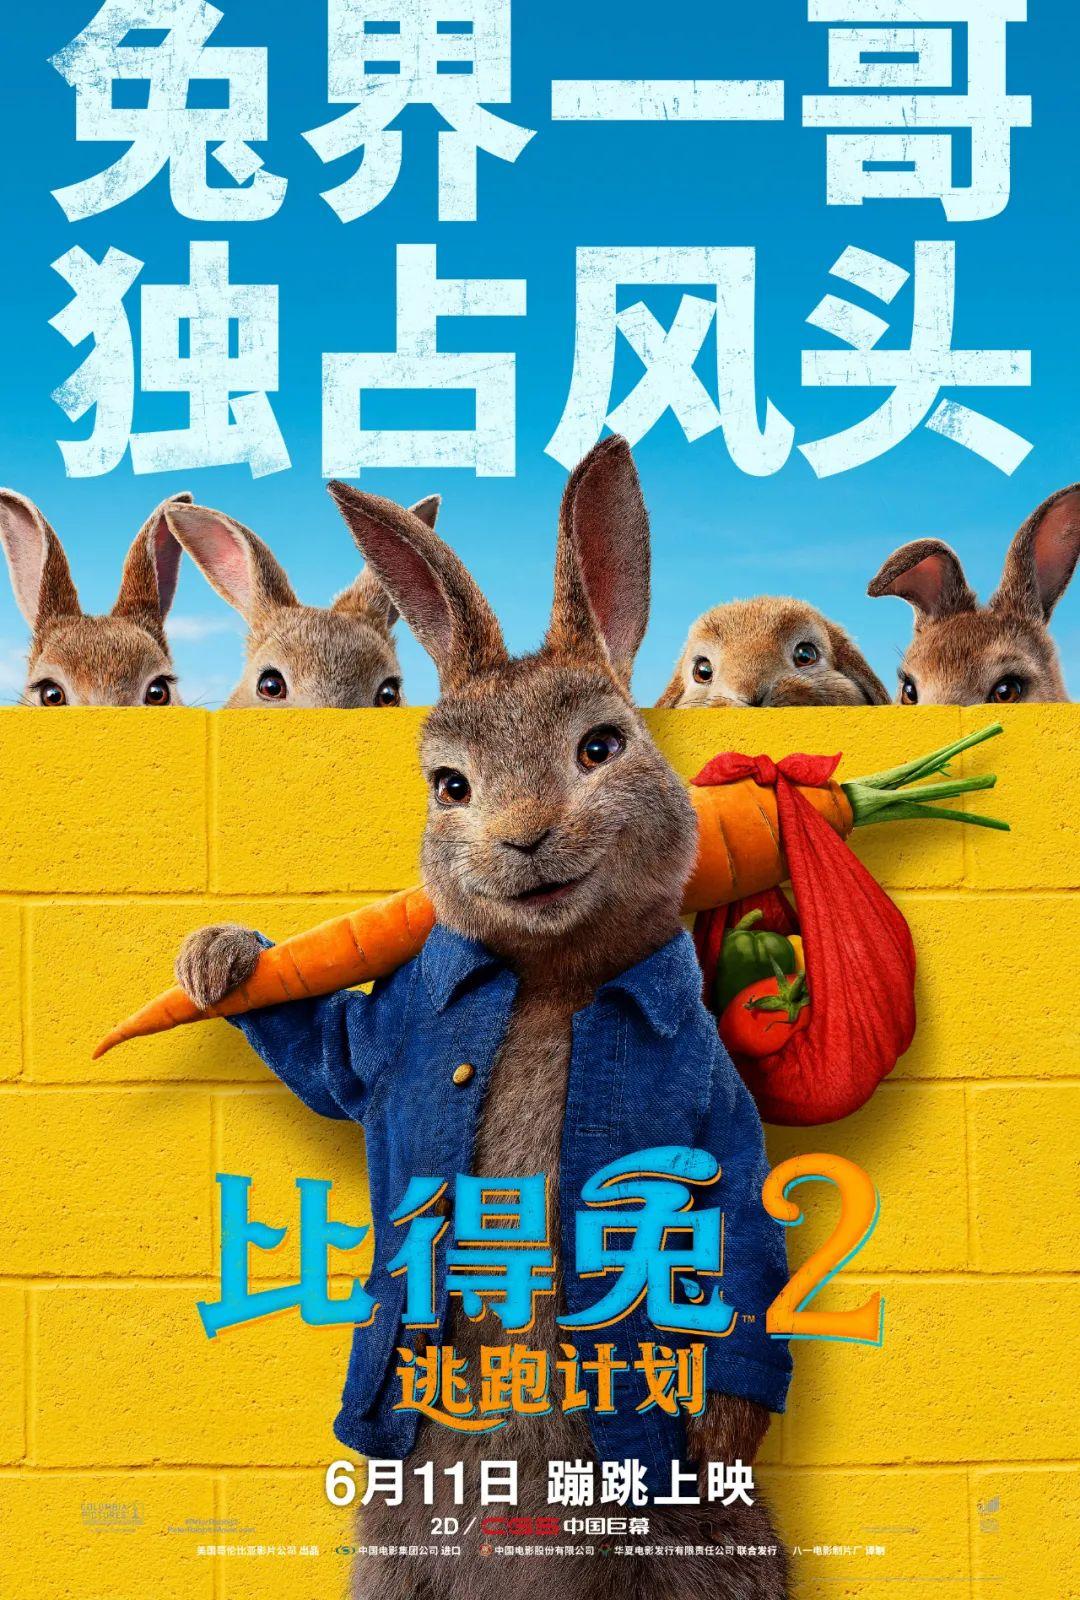 《比得兔2:逃跑计划》内地定档6月11日